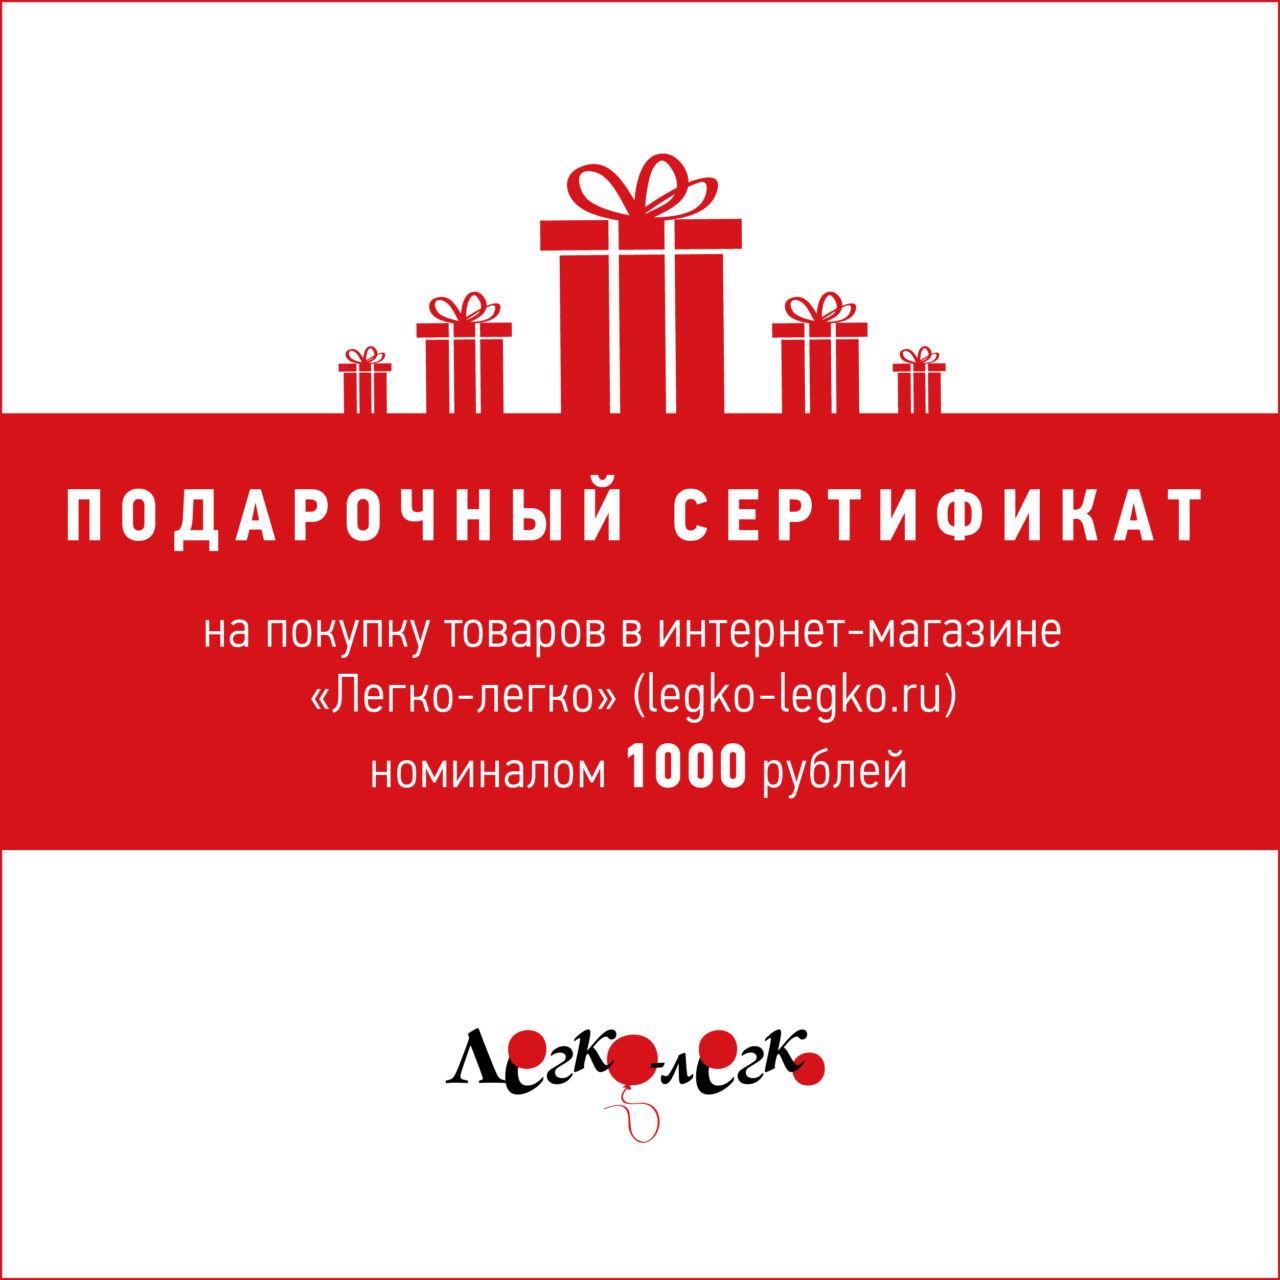 add5dce5a483 Подарочный сертификат на 1000 рублей